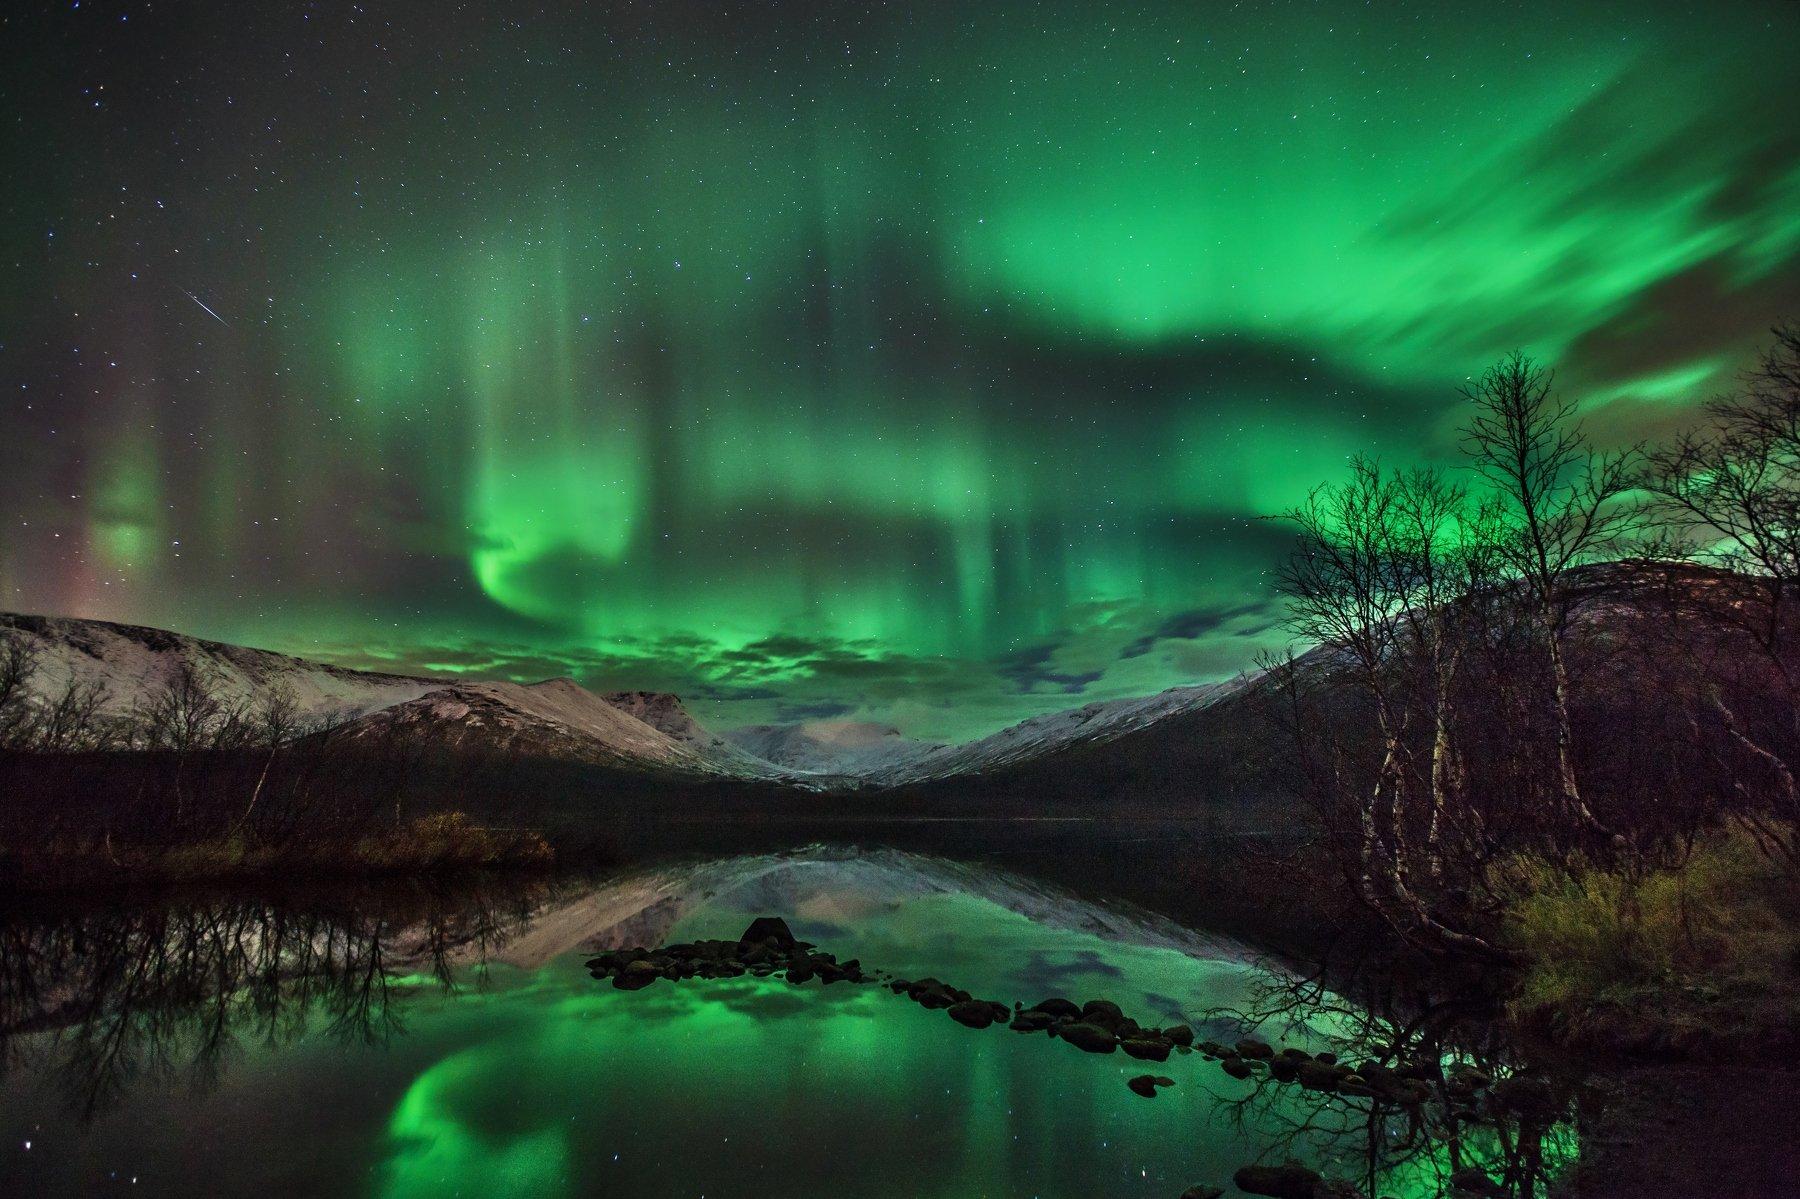 хибины, горы, ночь, сияние, метеор, звезды, небо, осень, озеро, кольский, север, заполярье, путешествие, Григорий Ильин